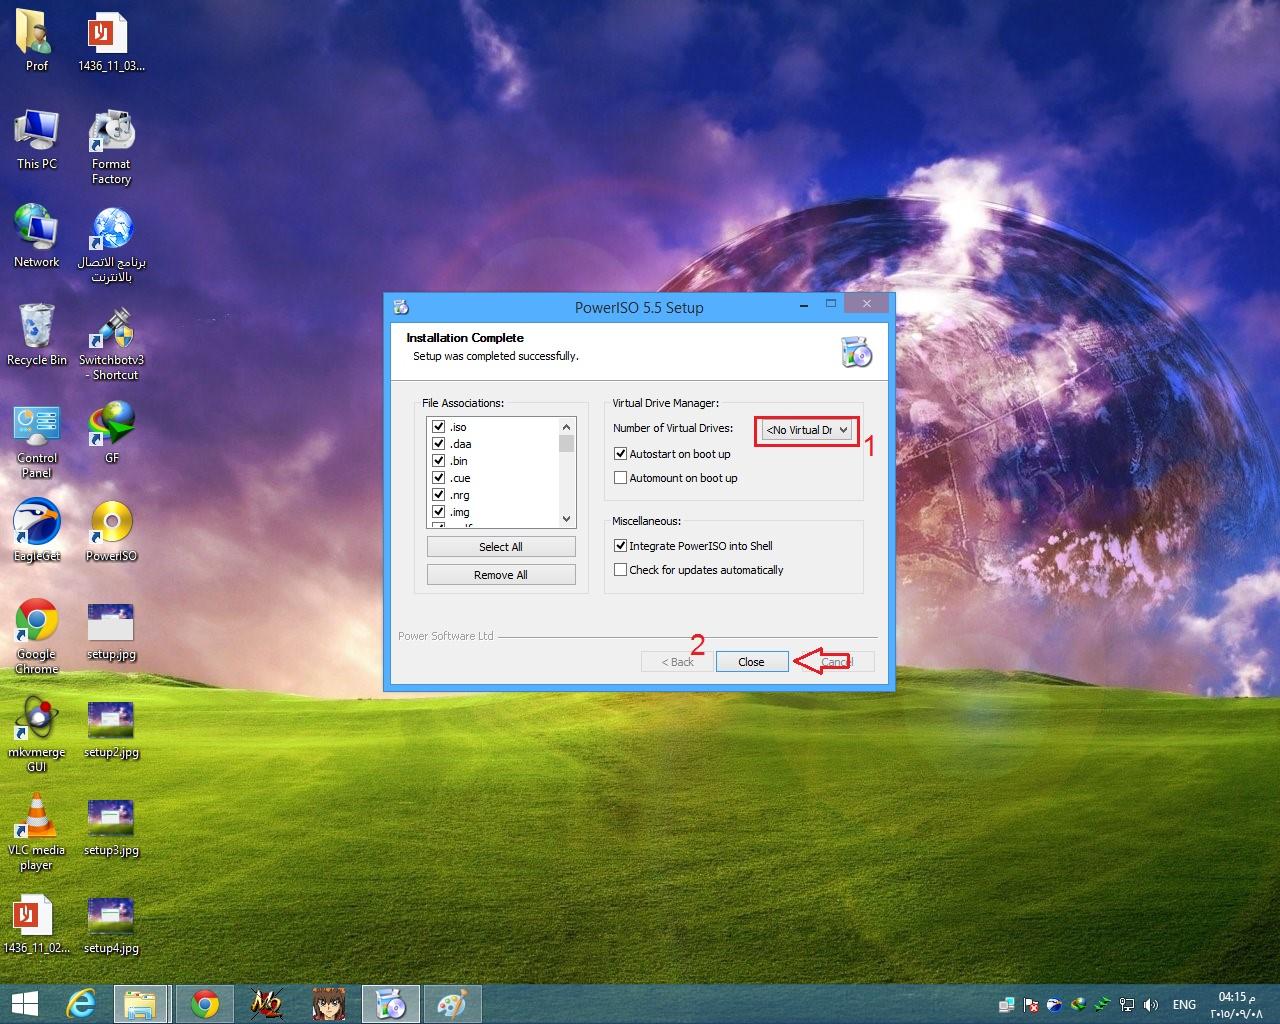 تحميل برنامج Power Iso وكيفية حرق الويندوز على اسطوانه او فلاشه USB